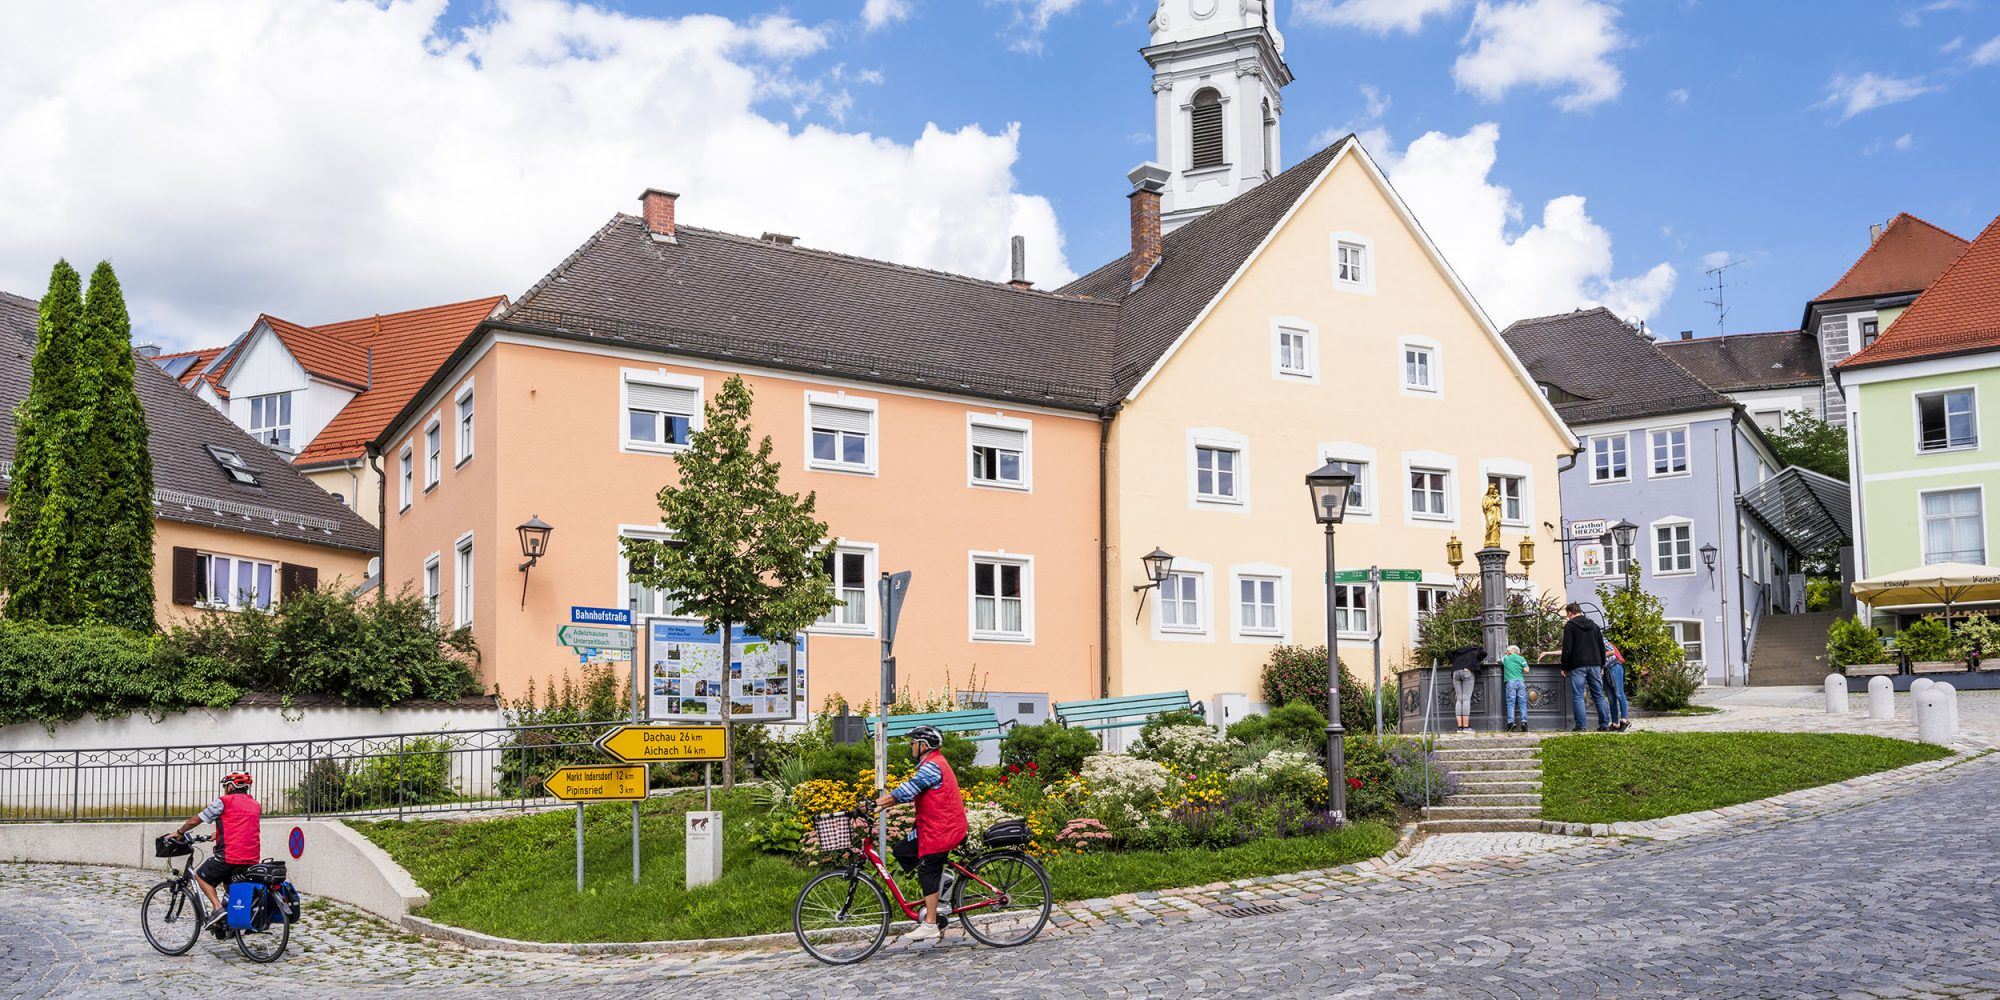 Marktplatz Altomünster